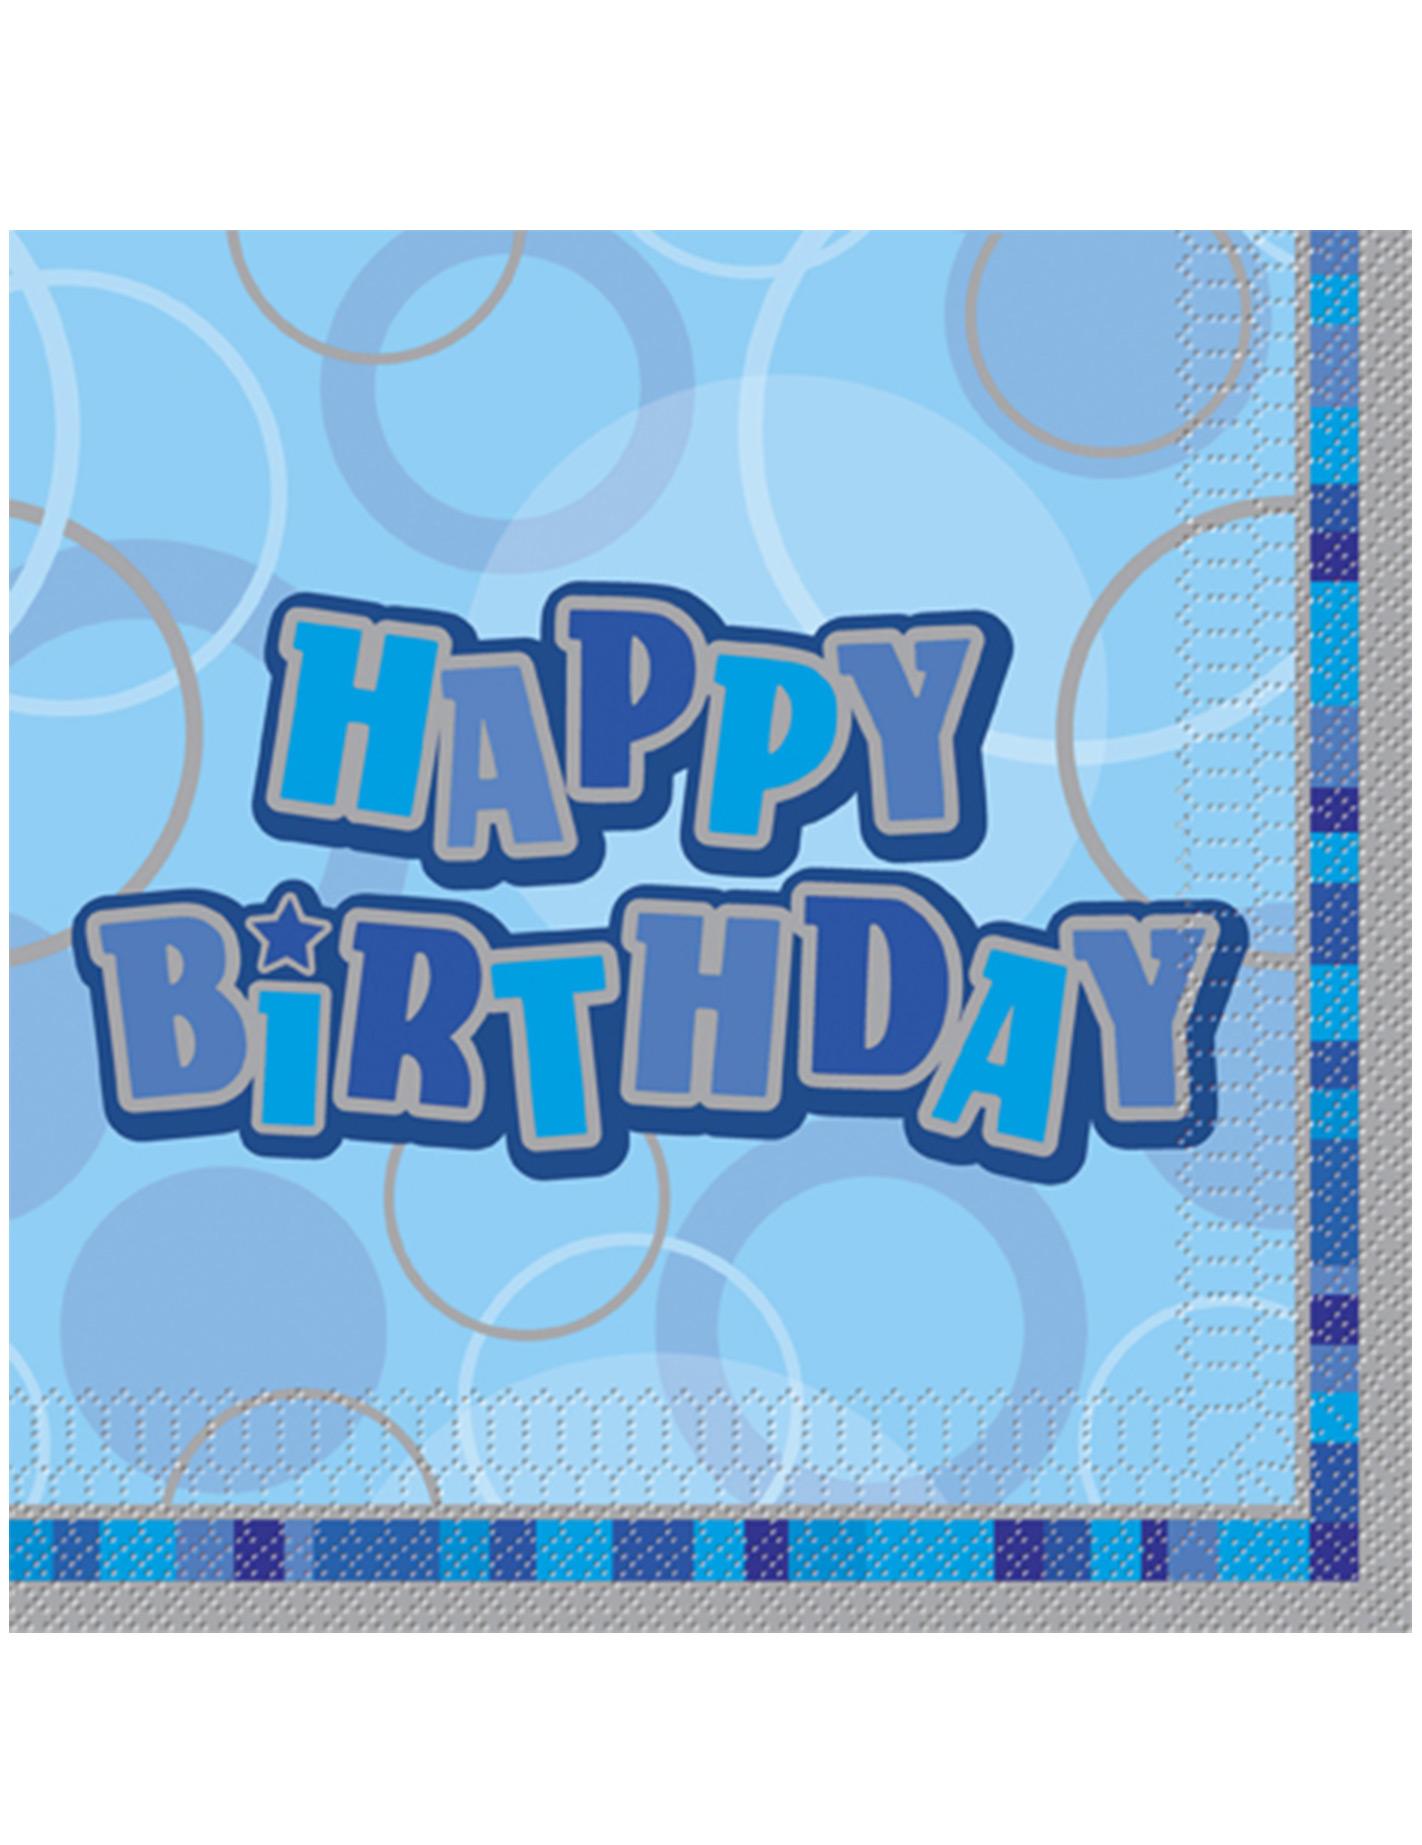 Happy Birthday Geburtstagsservietten Geburtstag Tischdeko 16 Stuck